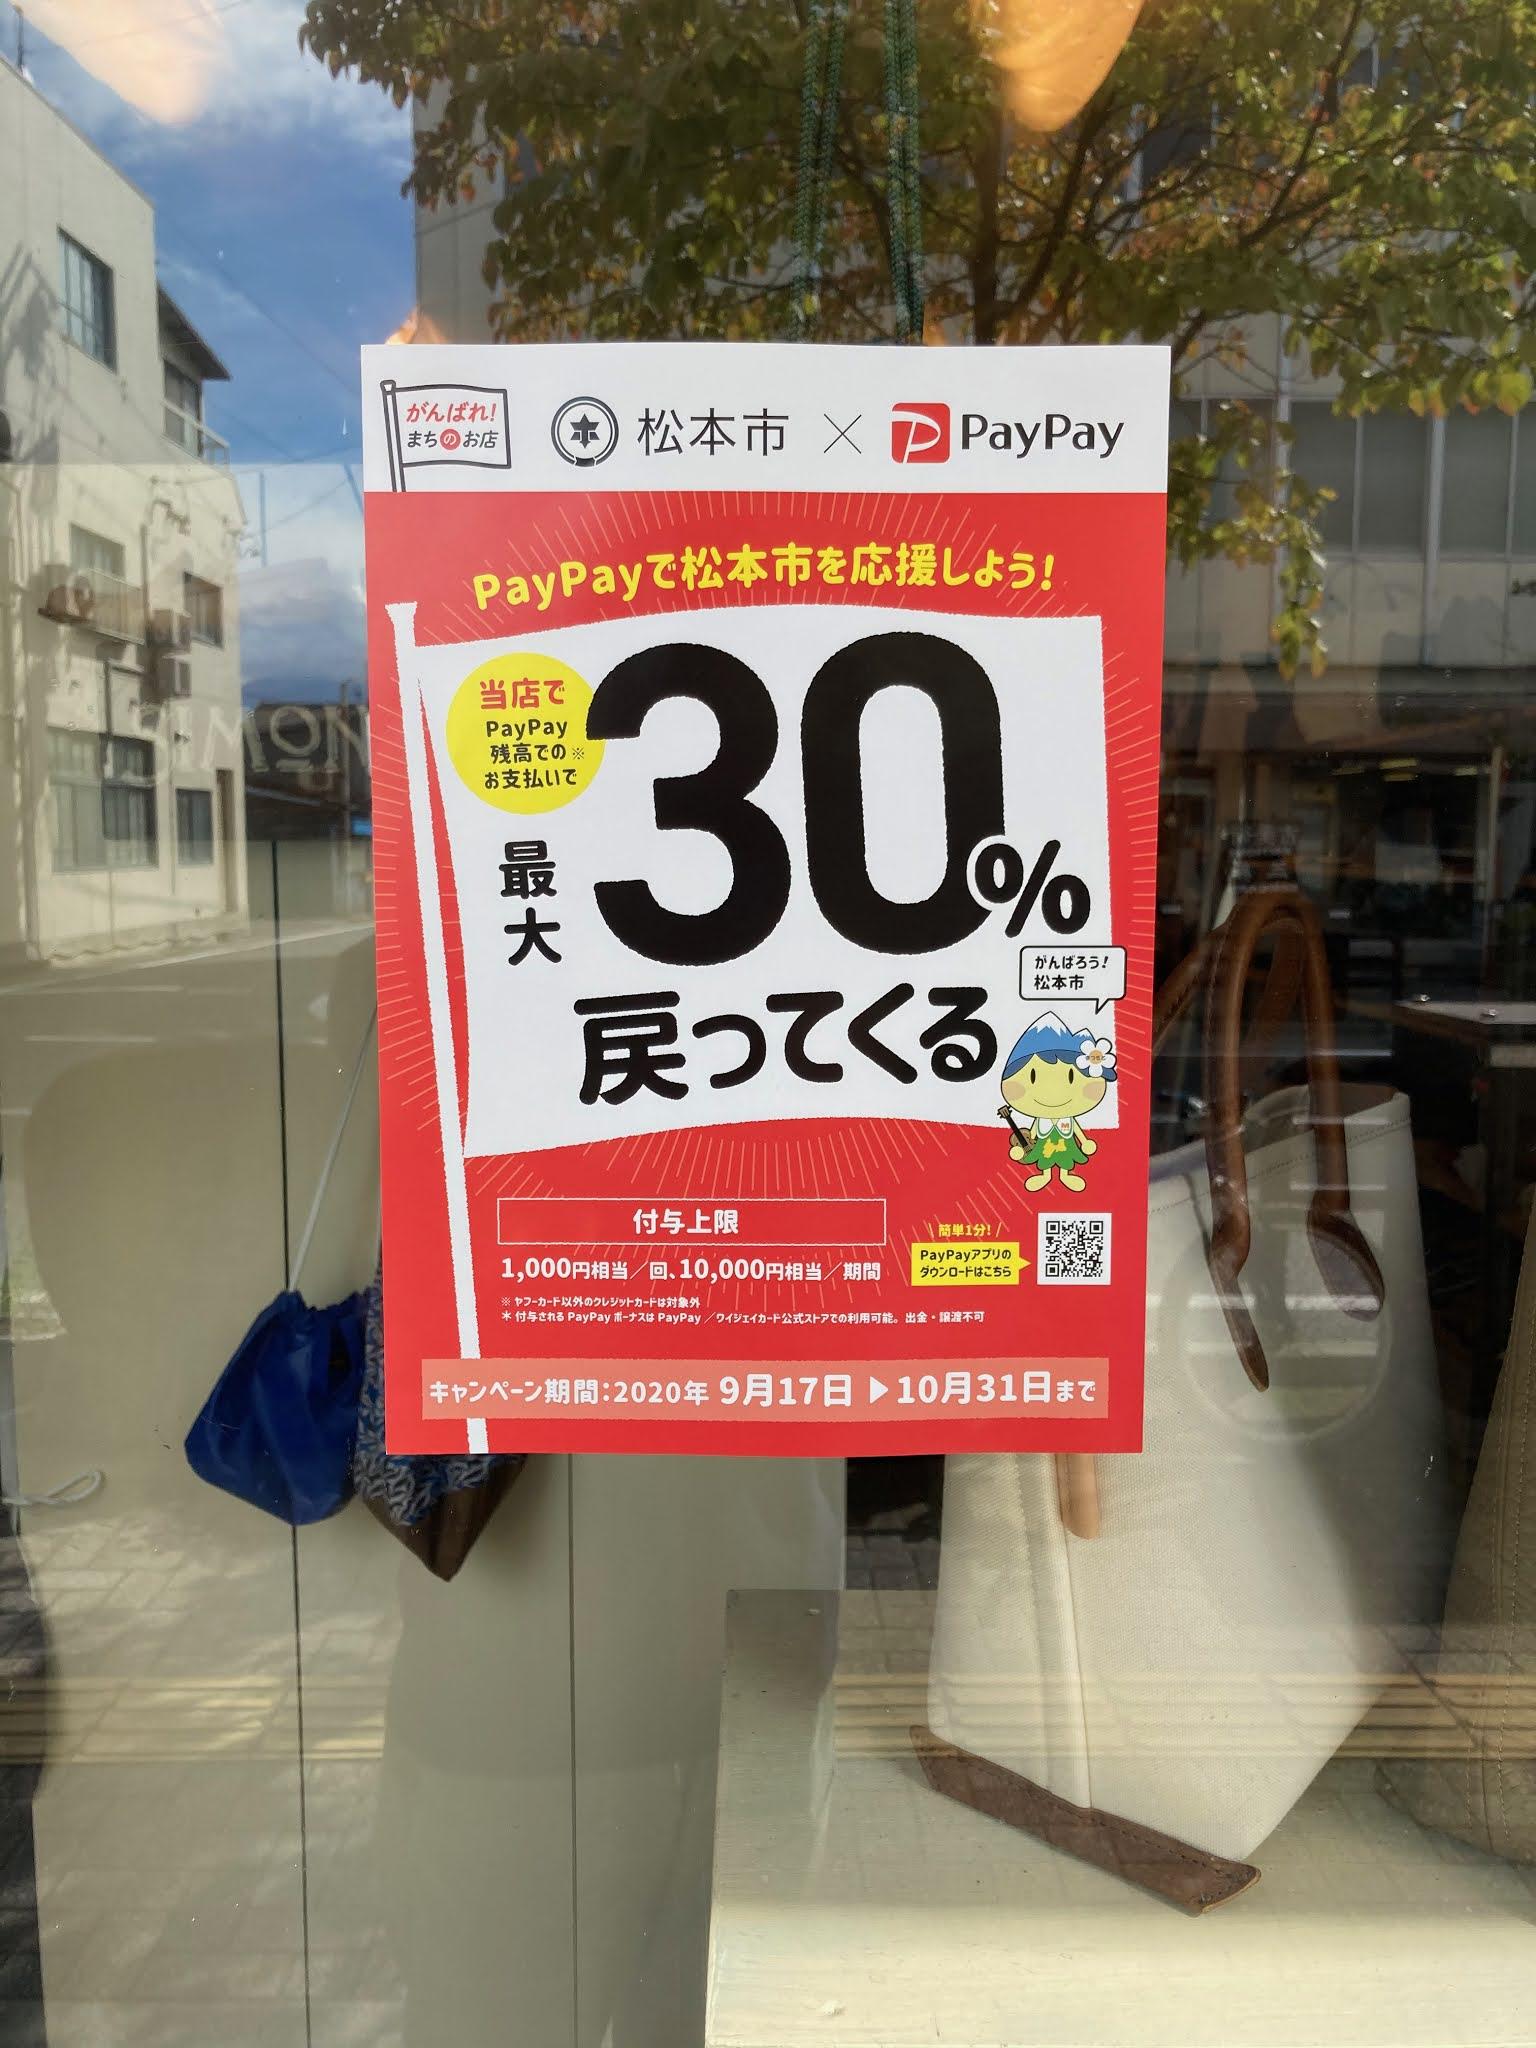 市 paypay 松本 最大30%PayPayボーナス還元【松本市内店舗限定】